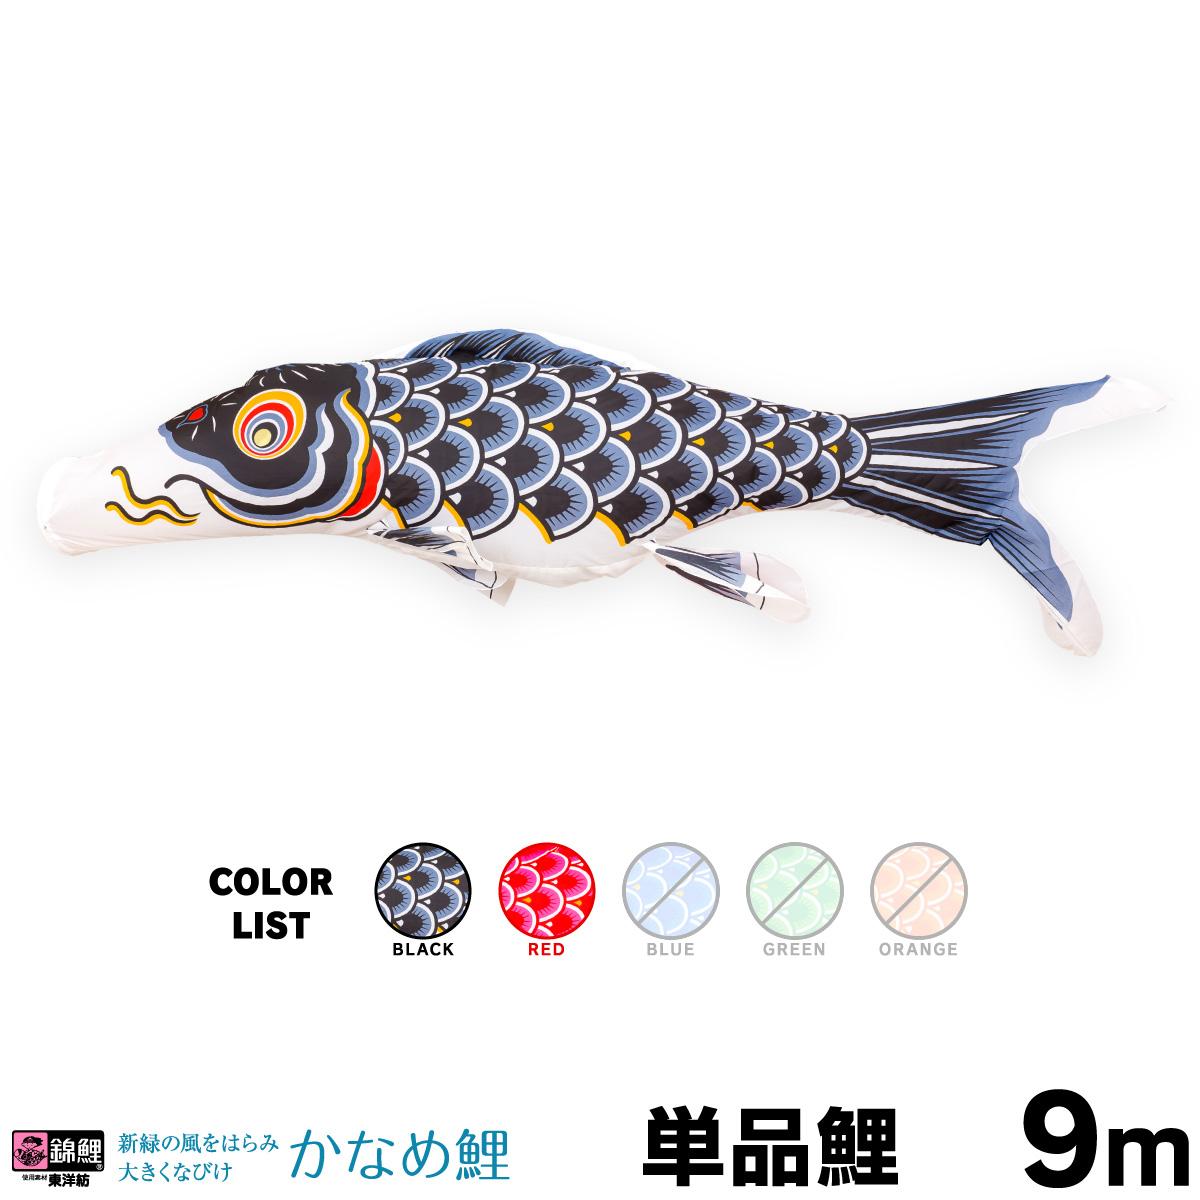 【こいのぼり 単品】 かなめ鯉 9m 単品鯉